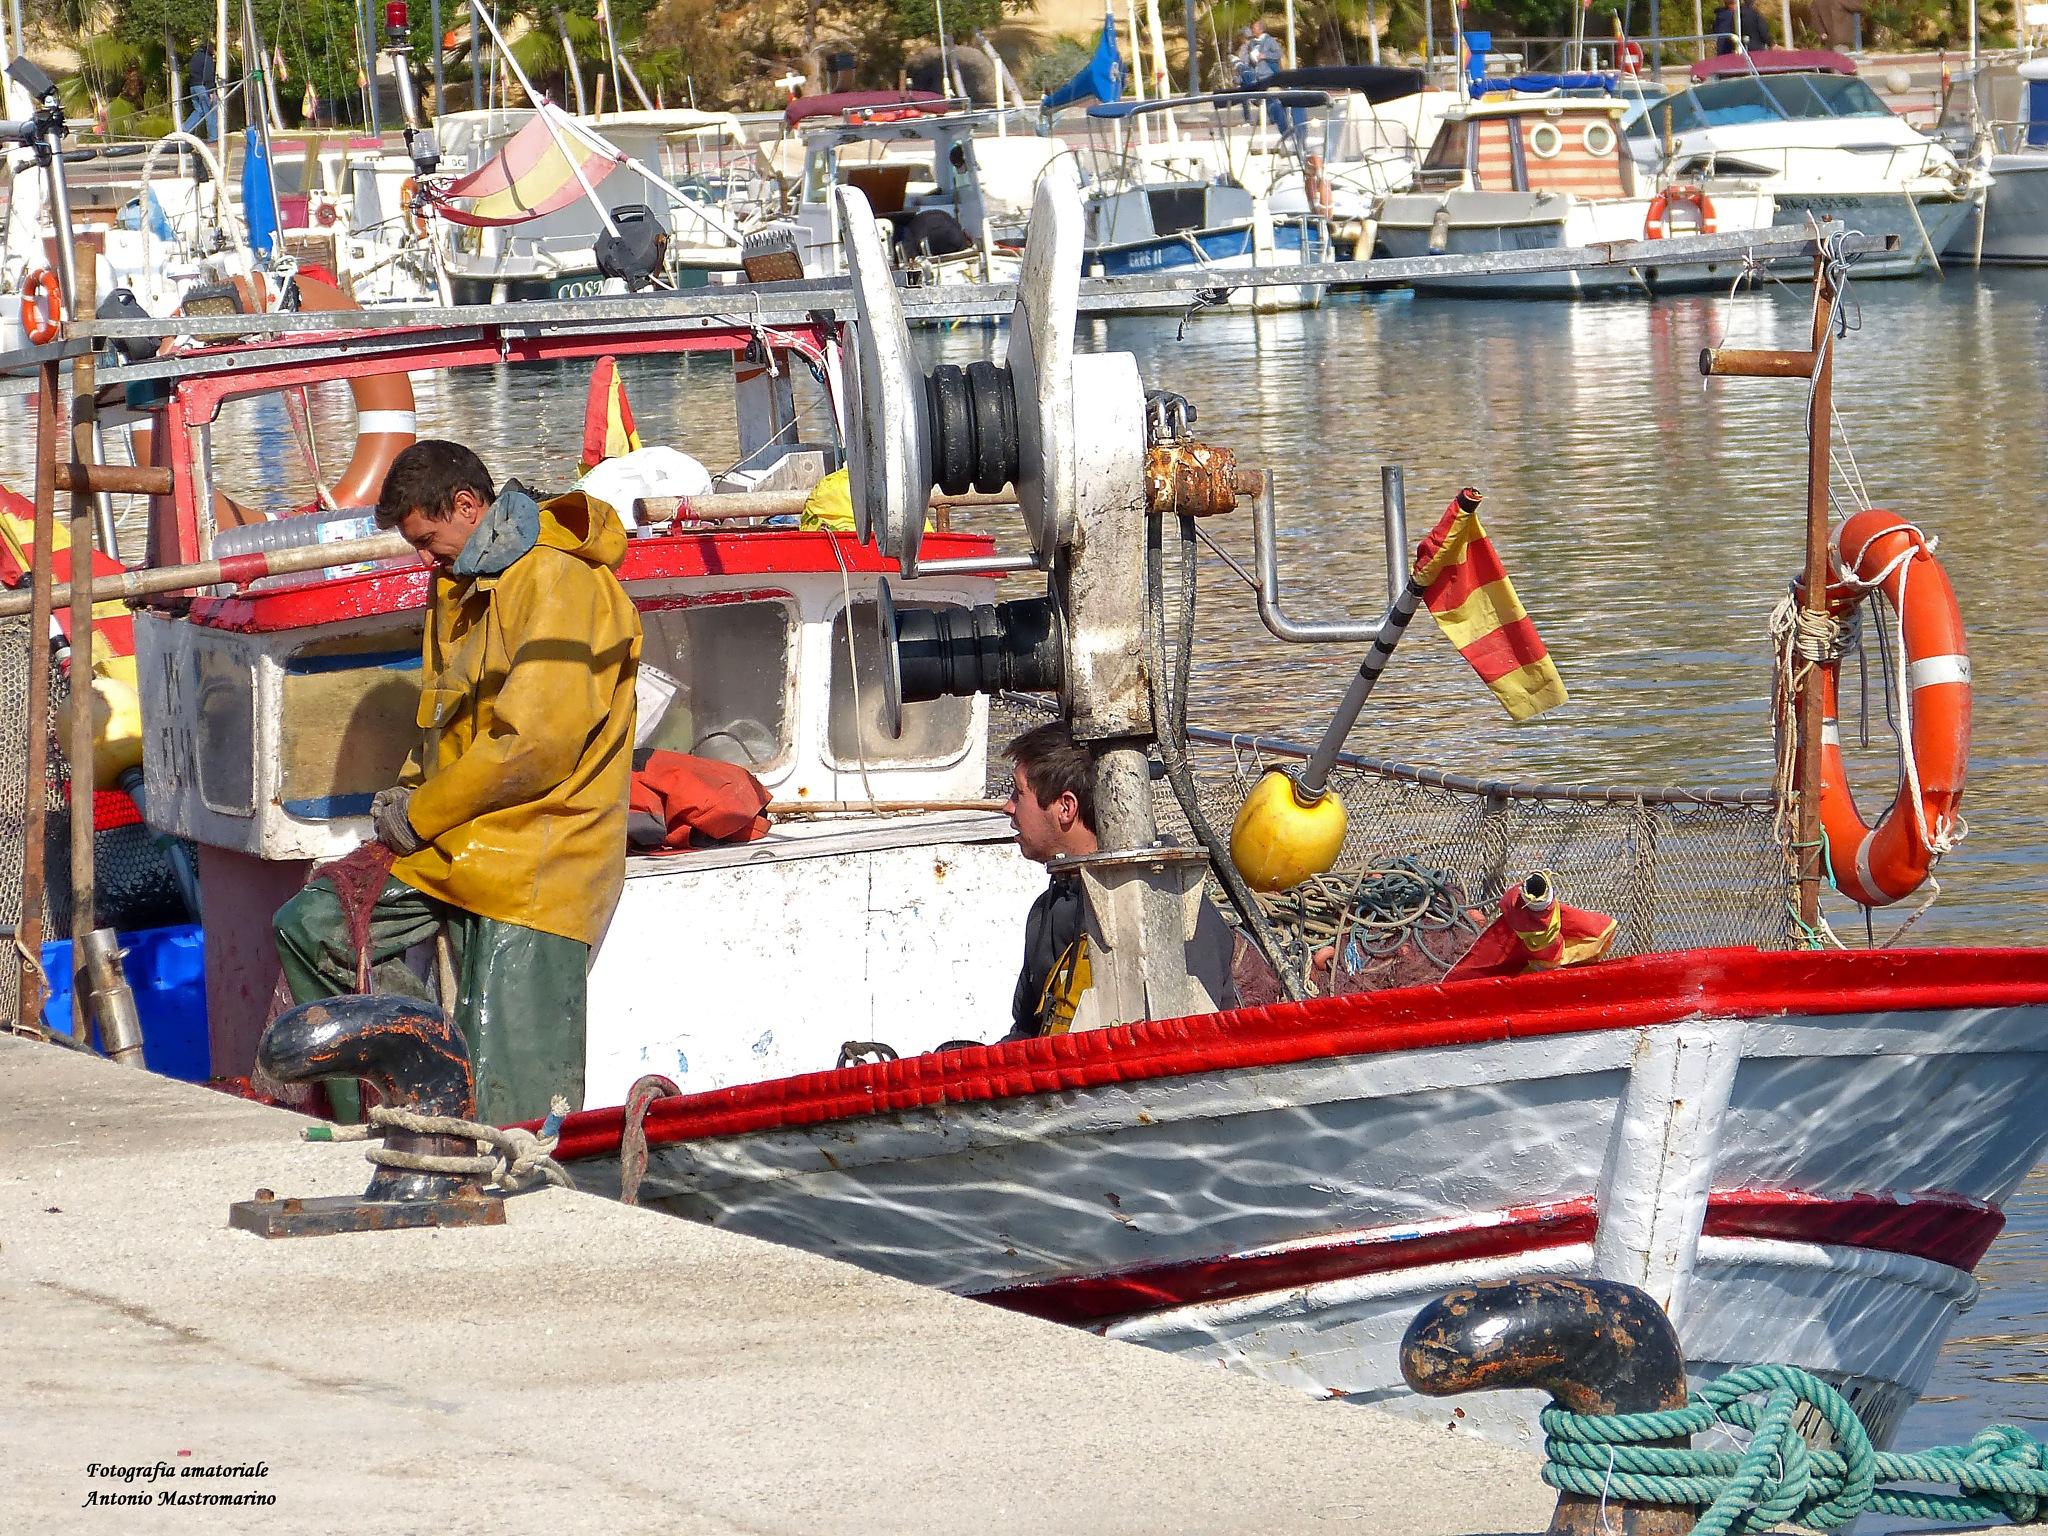 pescatori by antonio mastromarino